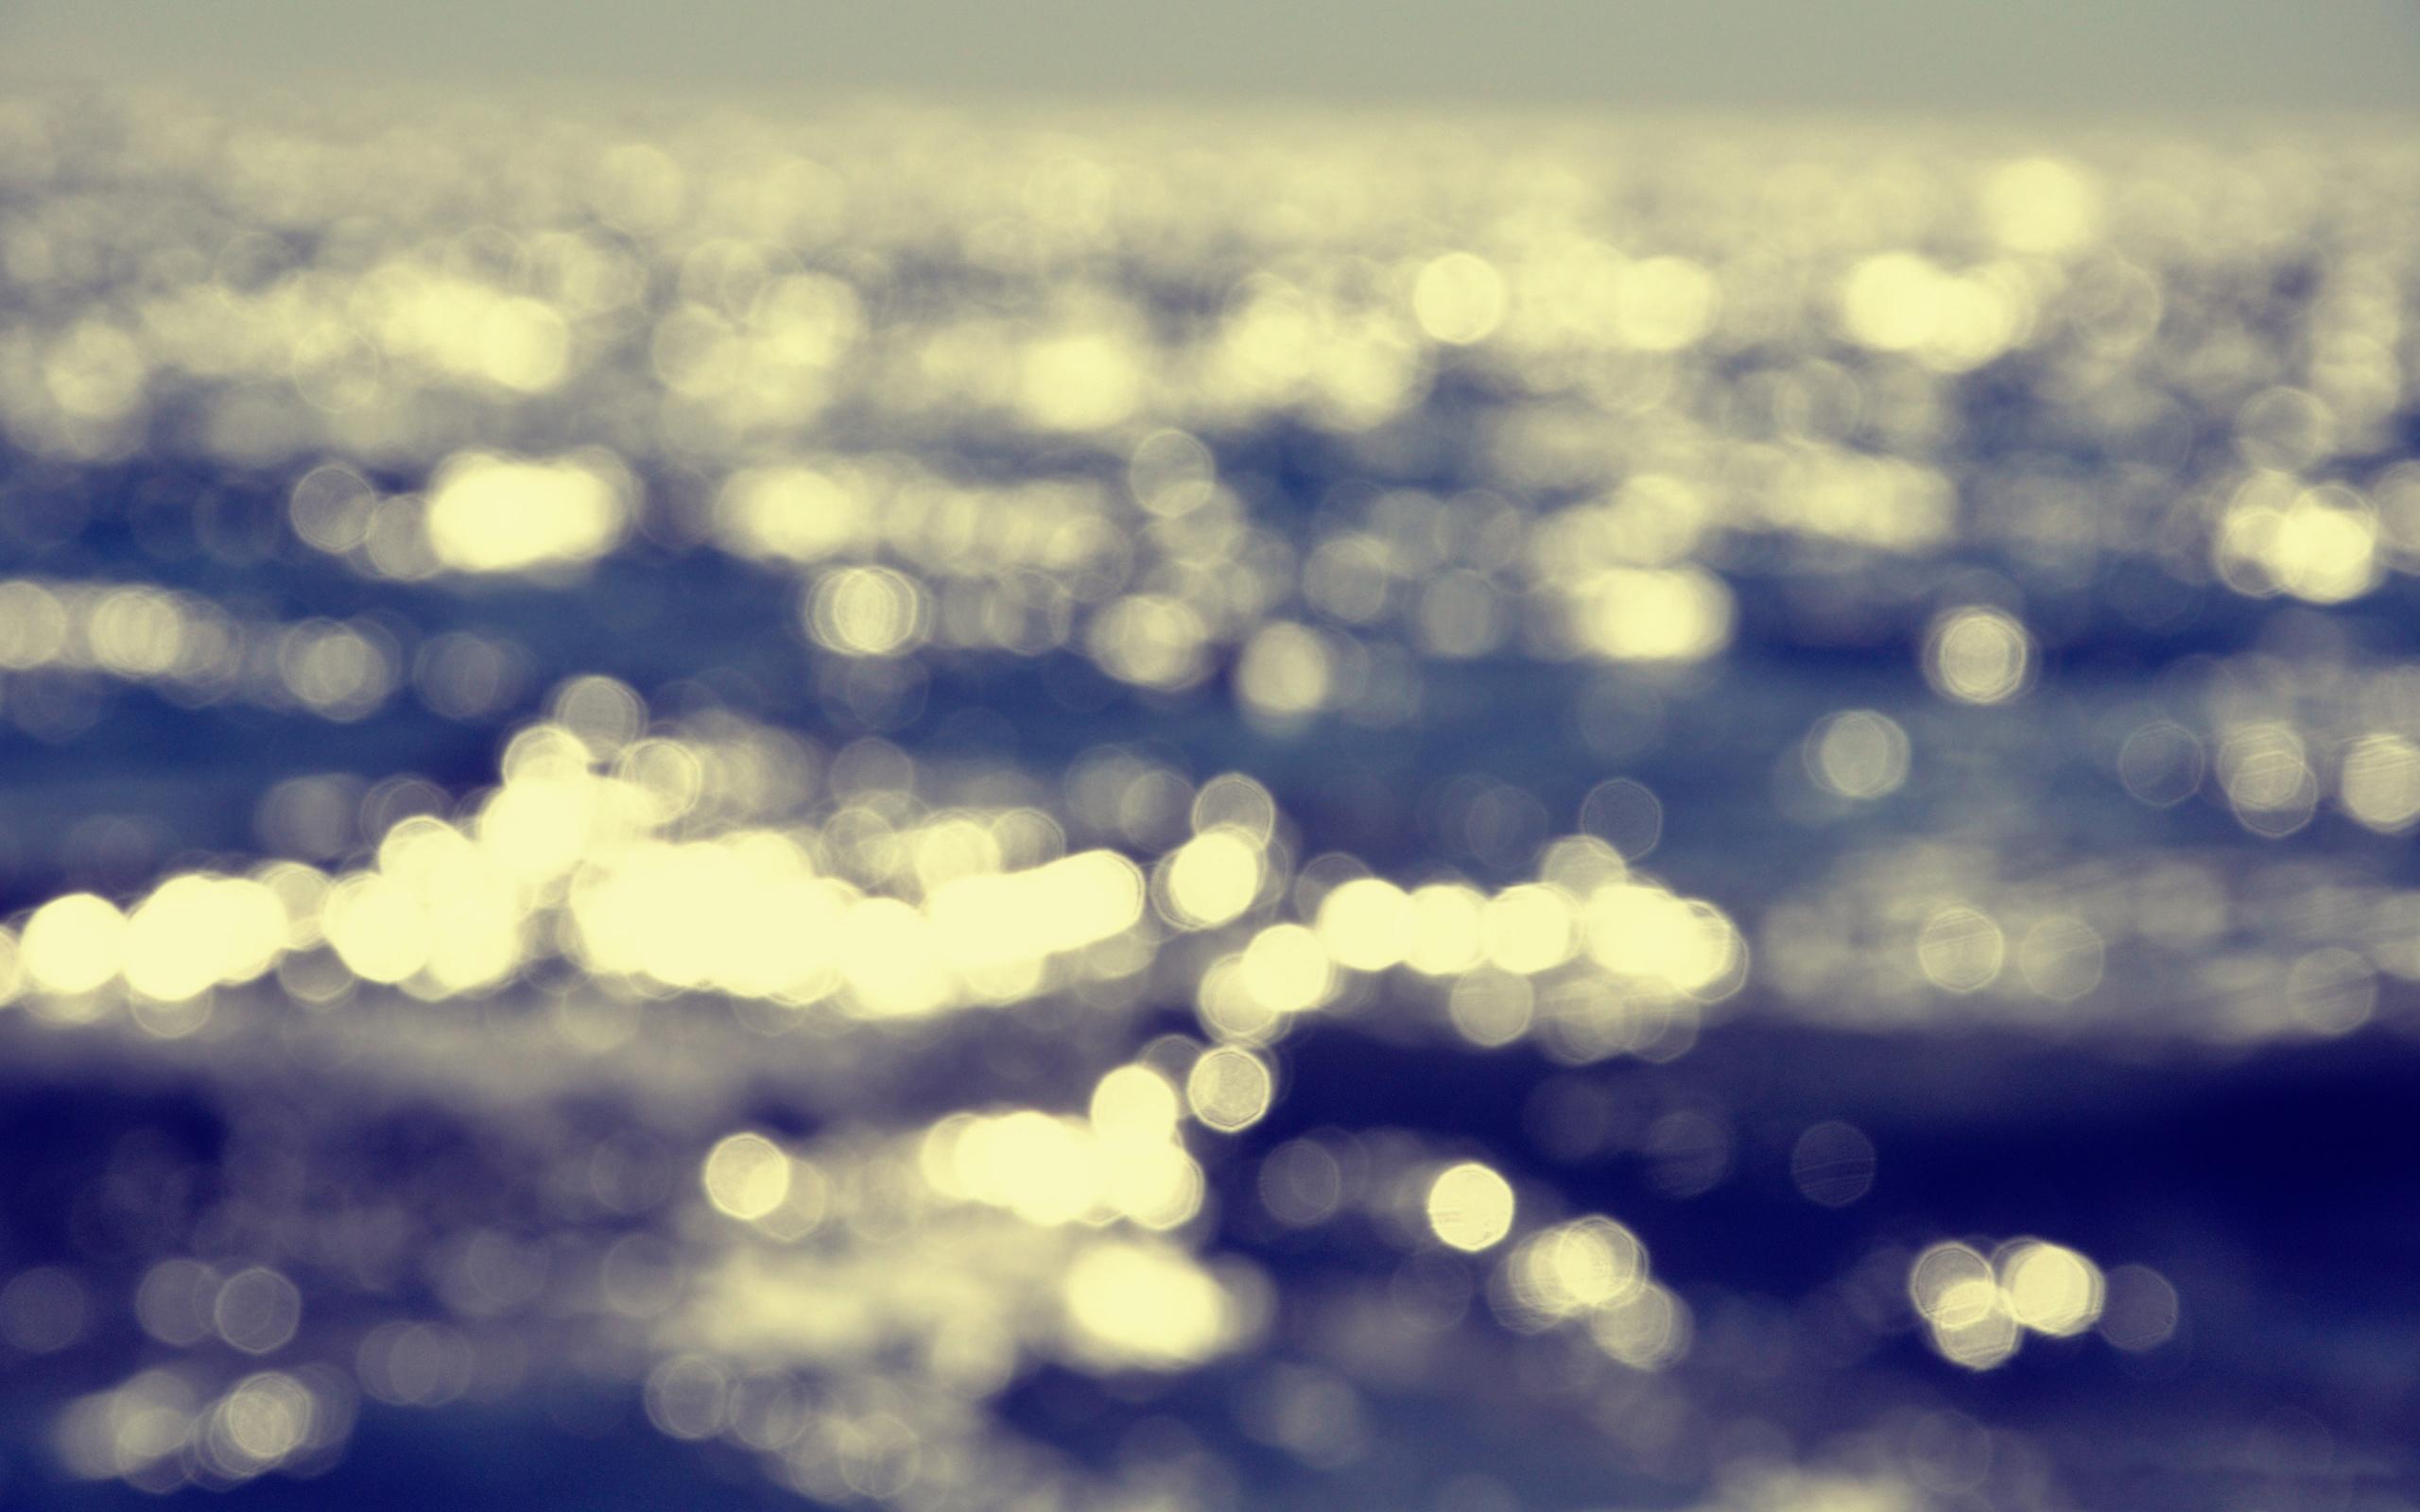 Hình ảnh Bokeh trên biển